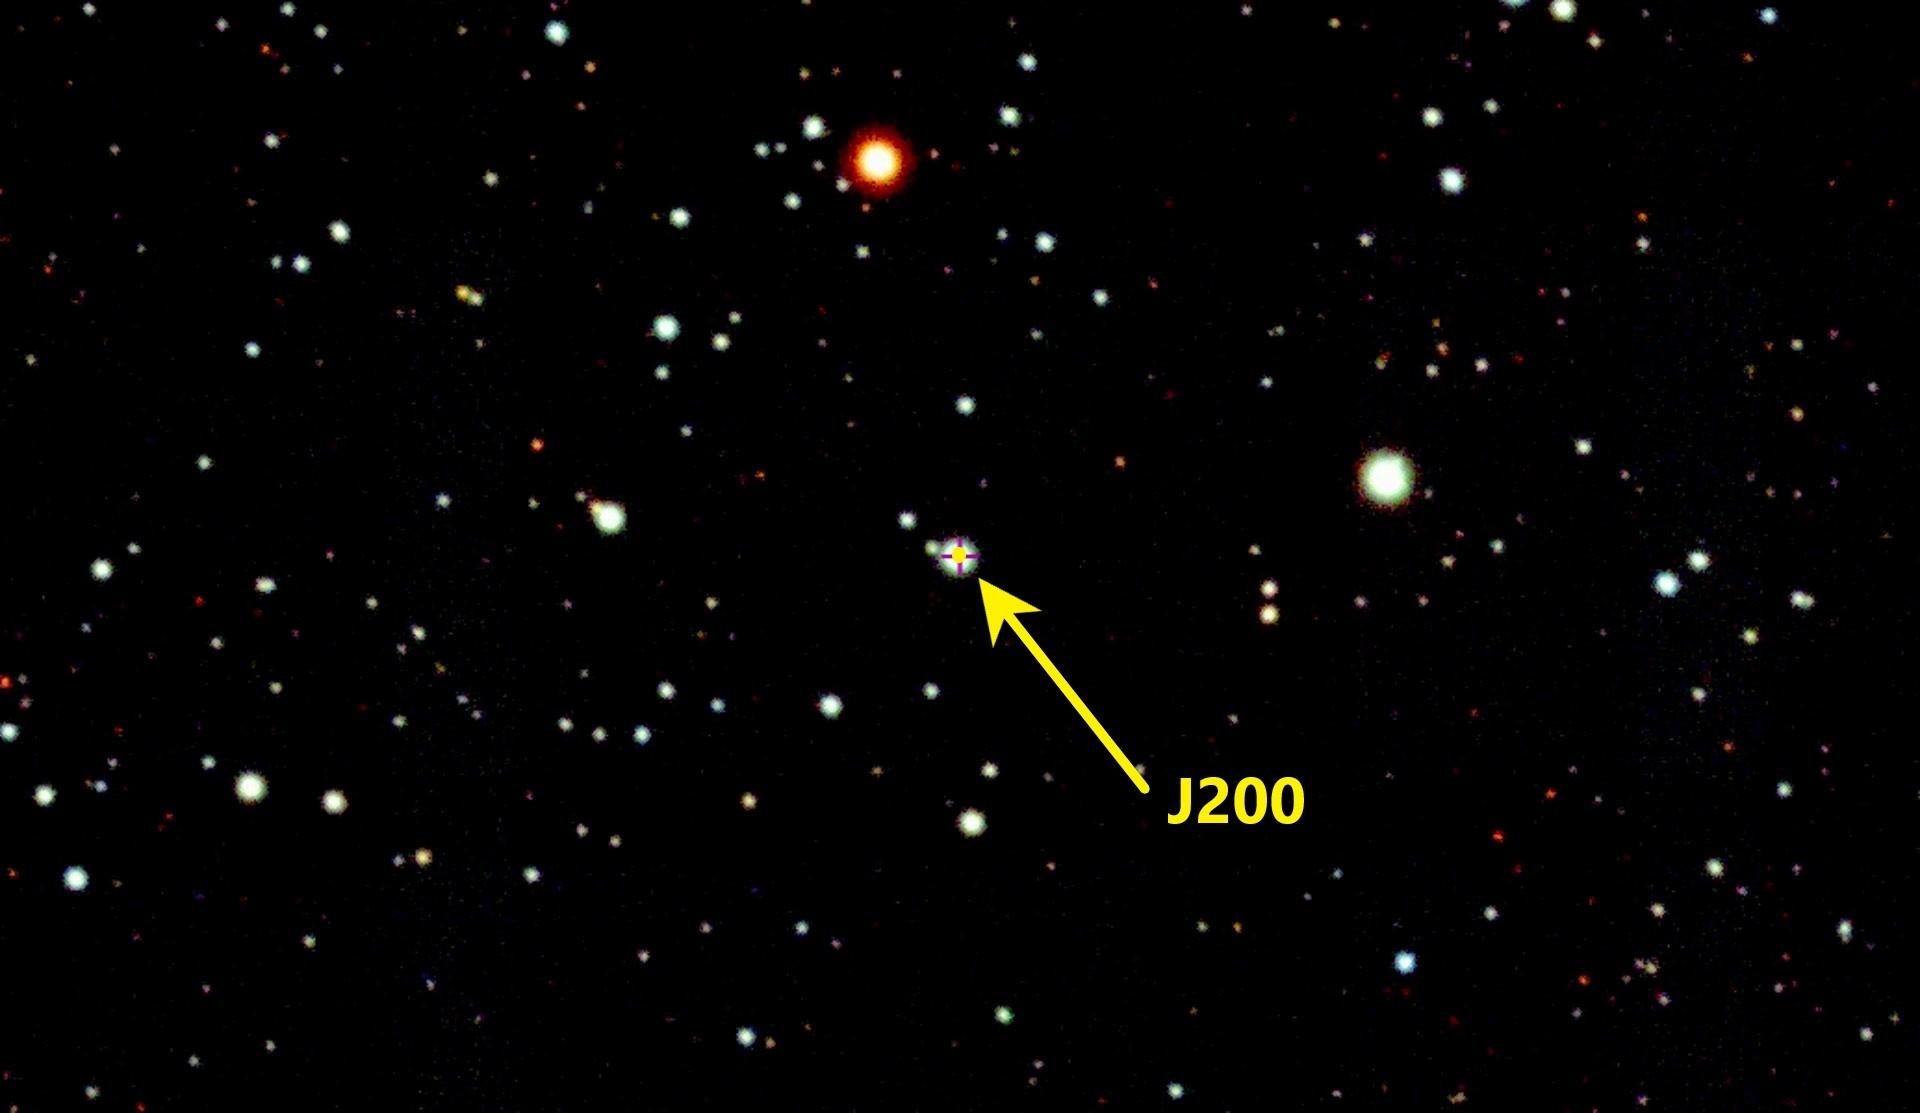 La estrella J200 en la constelación del Águila